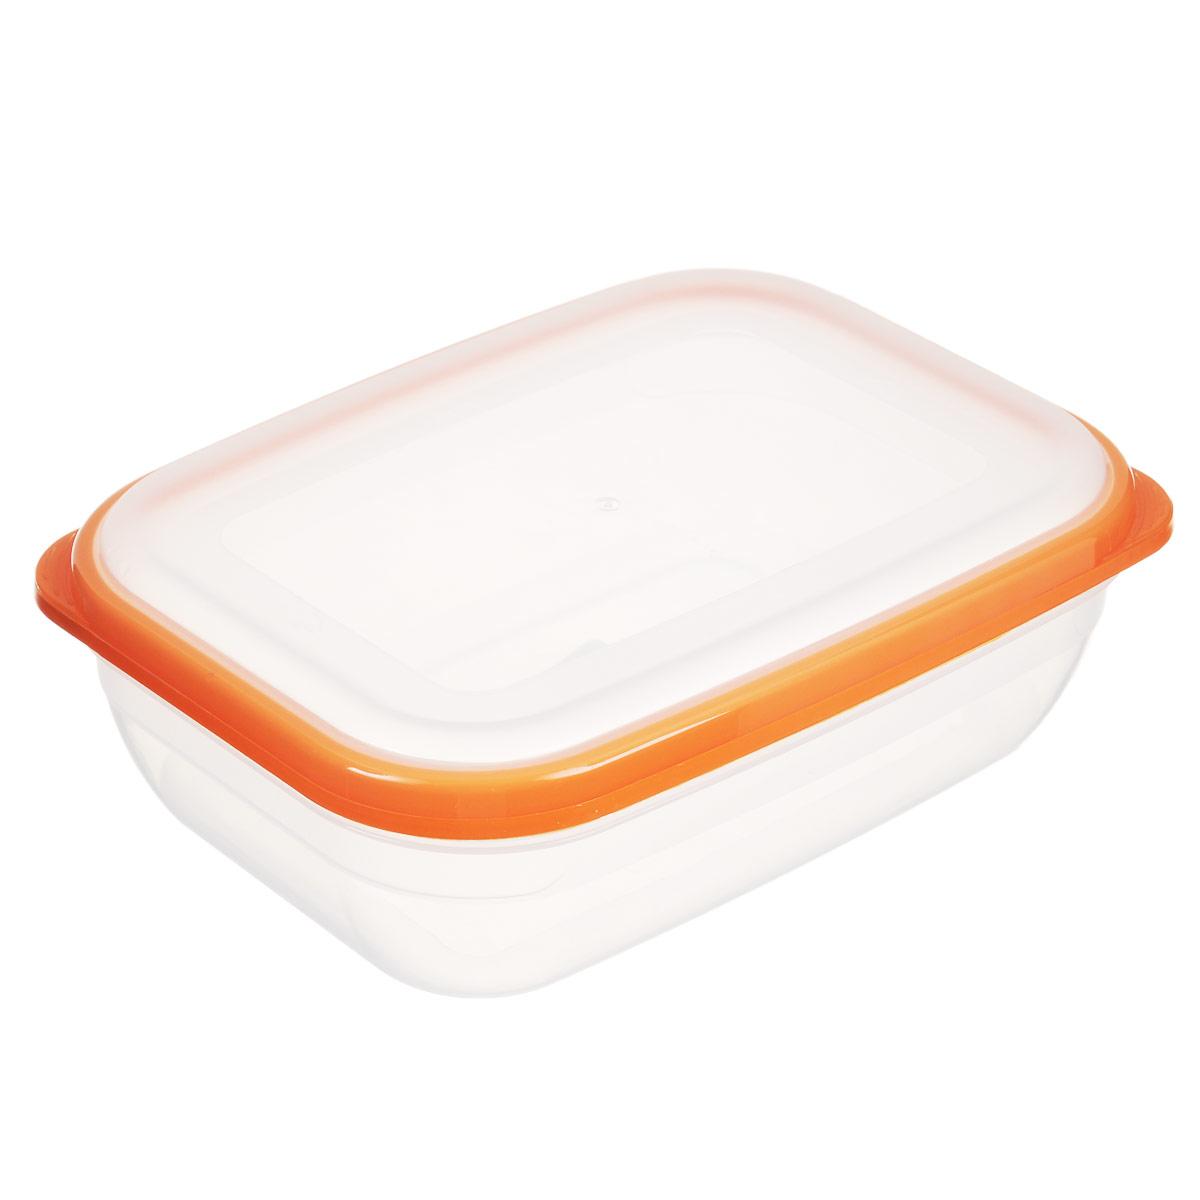 Контейнер для СВЧ Полимербыт Премиум, цвет: оранжевый, 1,2 лС562Прямоугольный контейнер для СВЧ Полимербыт Премиум изготовлен из высококачественного прочного пластика, устойчивого к высоким температурам (до +110°С). Крышка плотно и герметично закрывается, дольше сохраняя продукты свежими и вкусными. Контейнер идеально подходит для хранения пищи, его удобно брать с собой на работу, учебу, пикник или просто использовать для хранения пищи в холодильнике. Подходит для разогрева пищи в микроволновой печи и для заморозки в морозильной камере (при минимальной температуре -40°С). Можно мыть в посудомоечной машине.